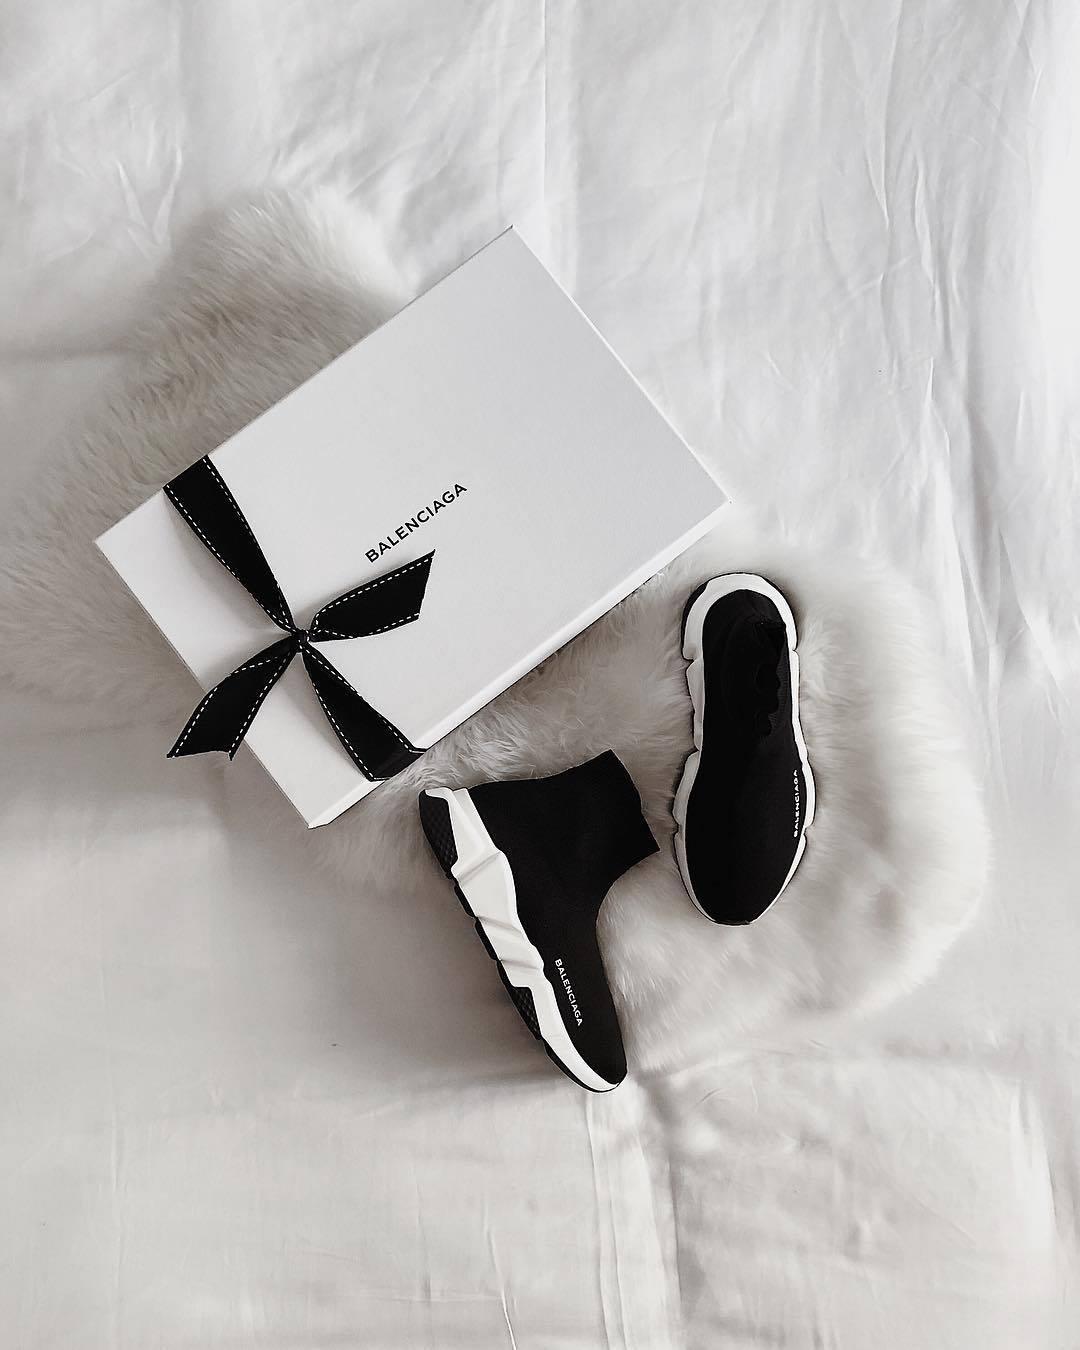 1-giay-converse-nike-hay-adidas-moi-duoc-san-don